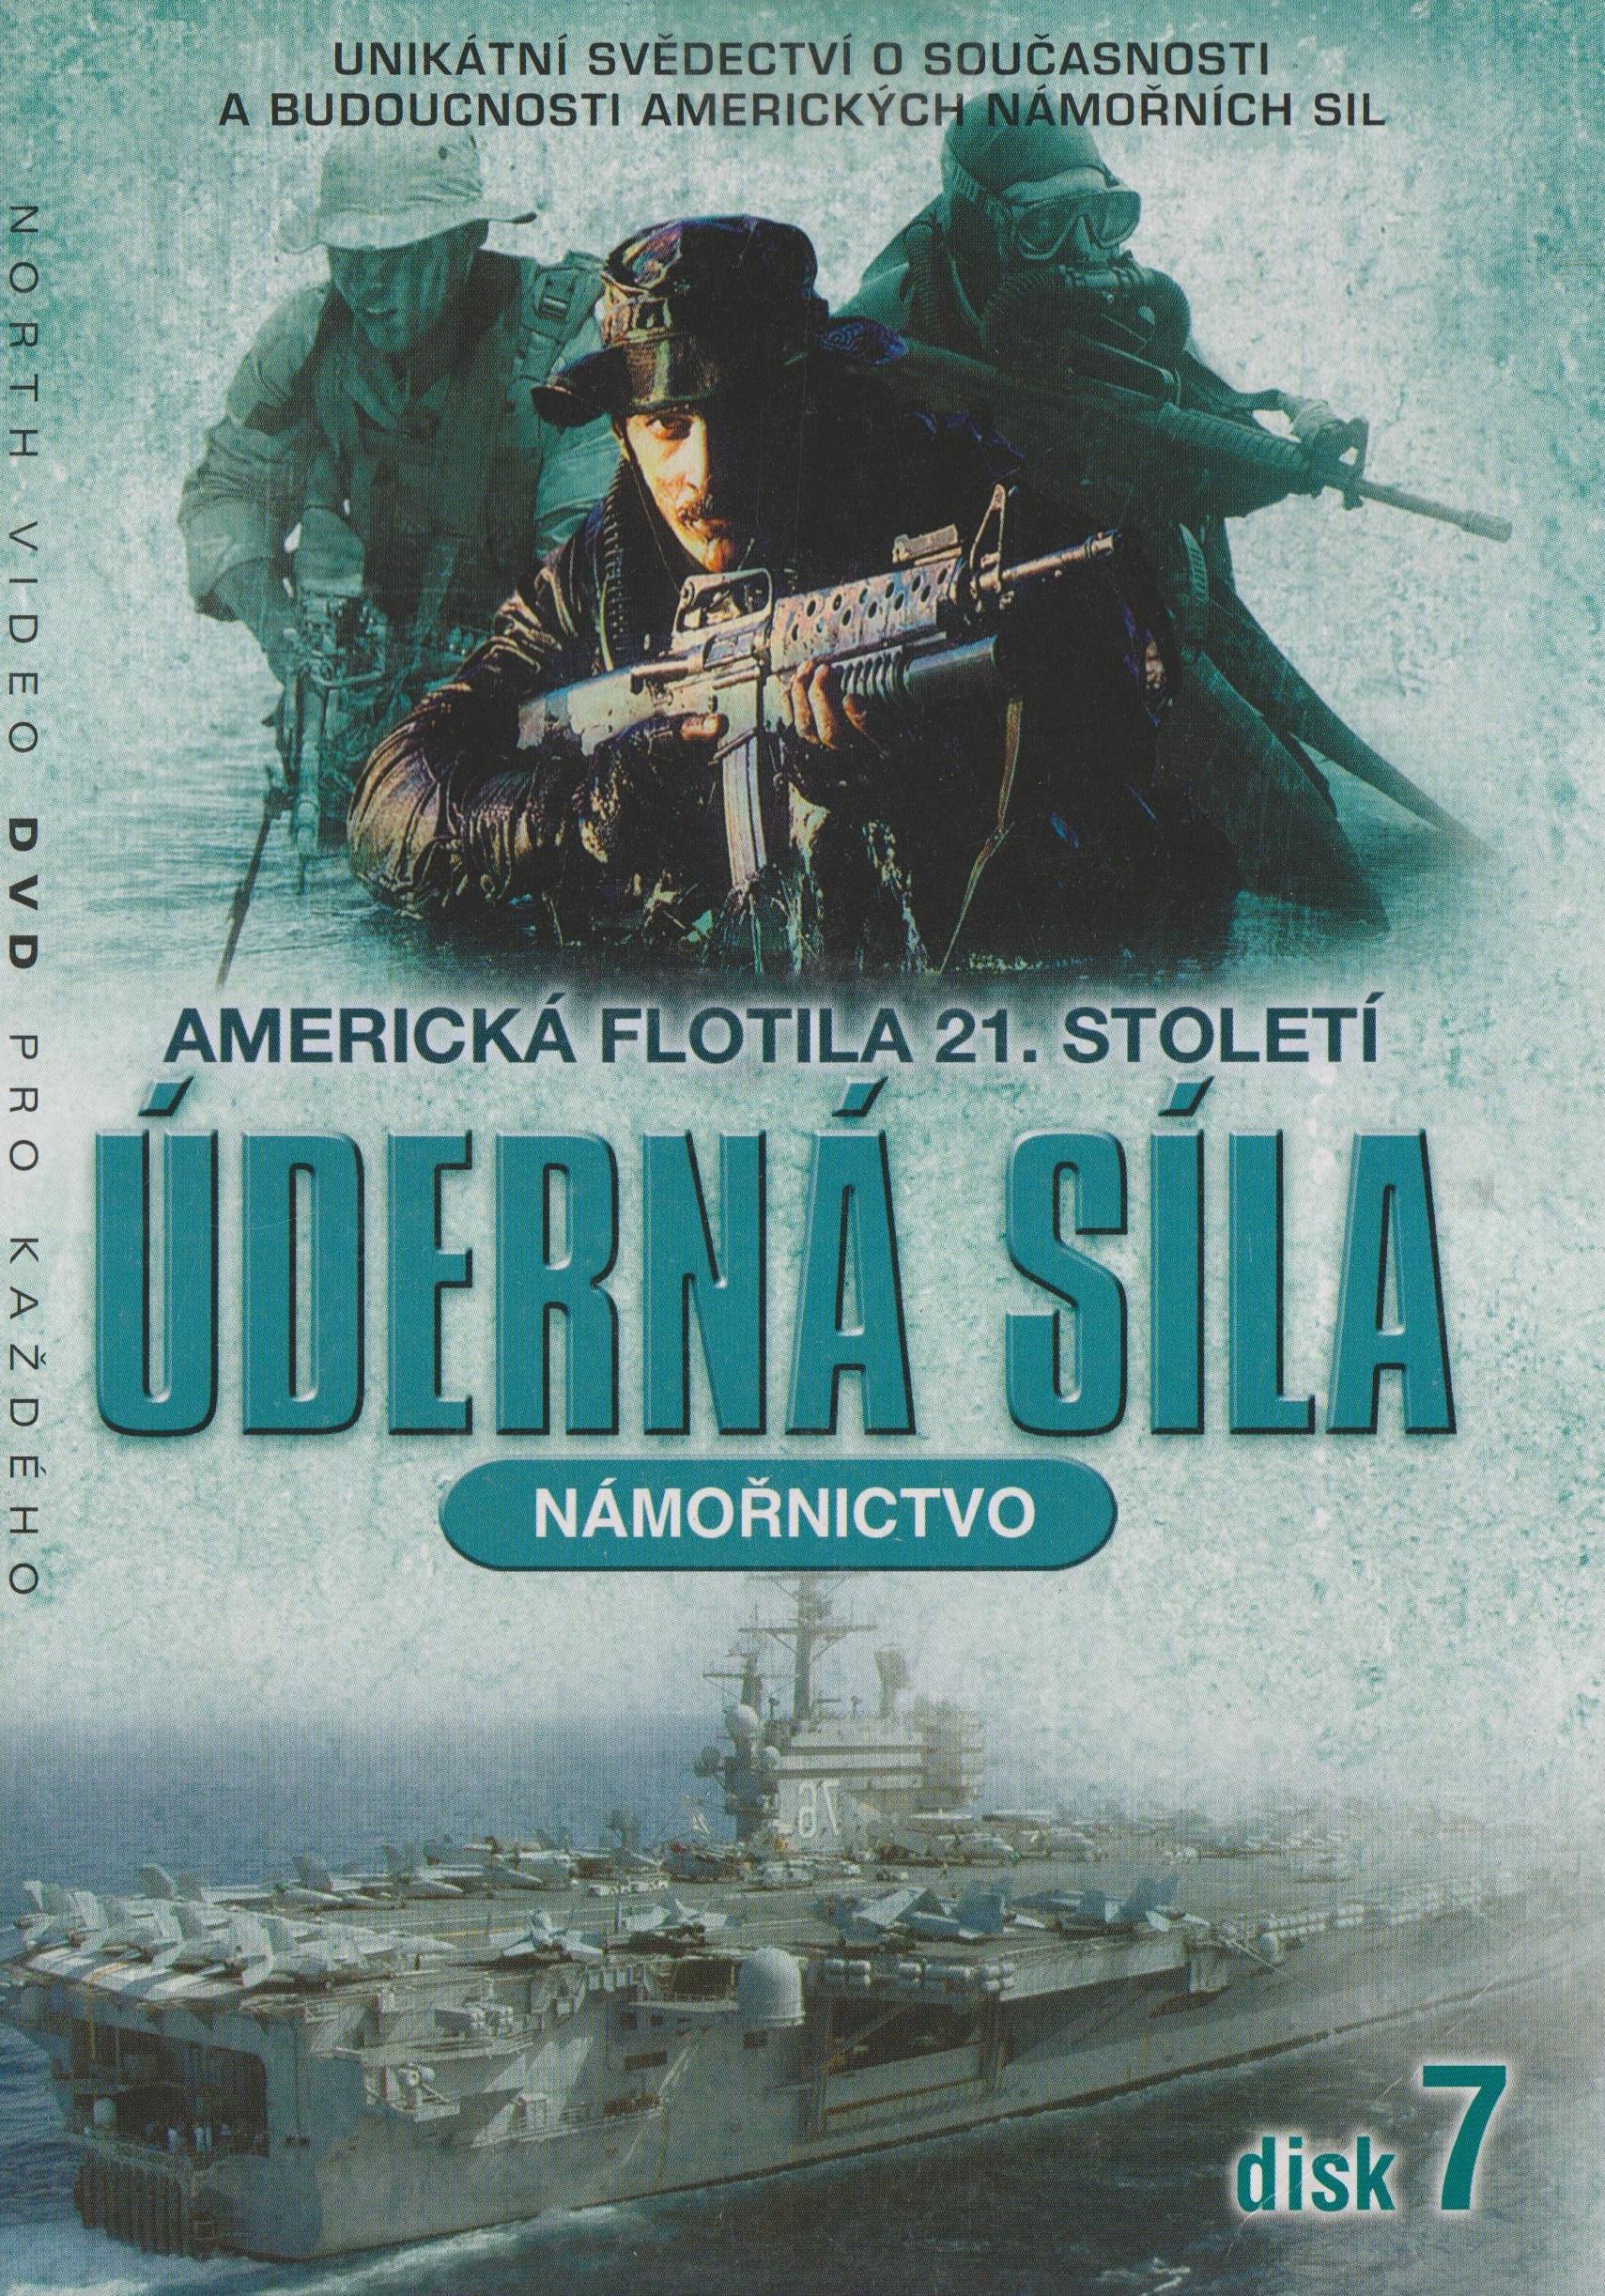 Úderná síla - Námořnictvo - disk 7 - DVD